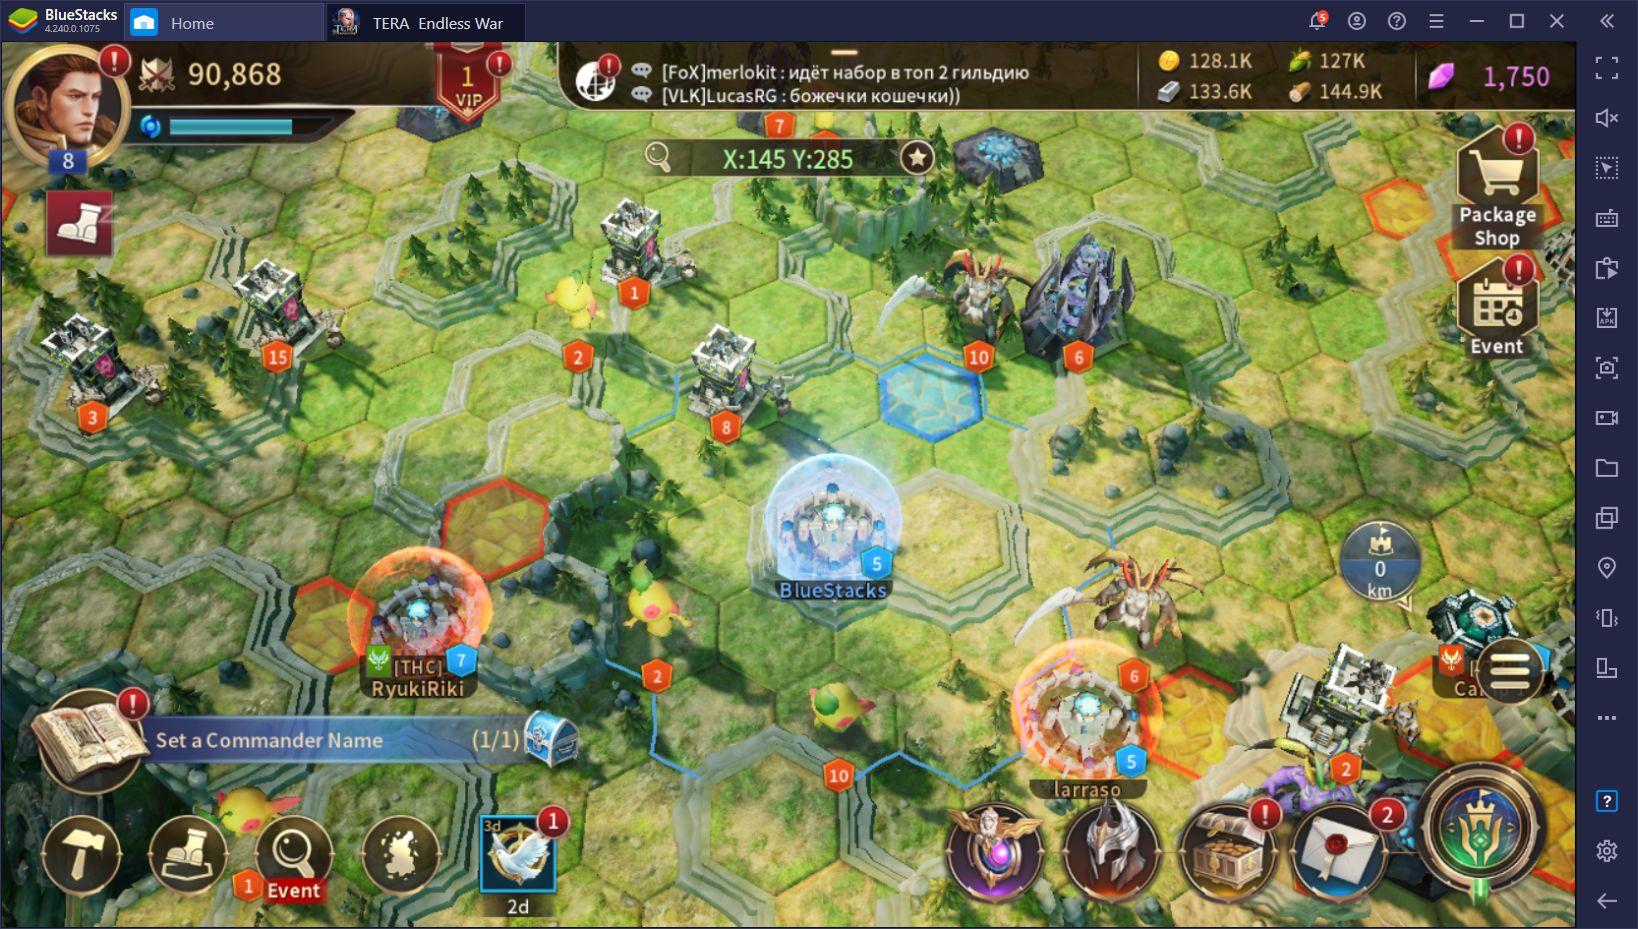 TERA: Endless War – Cómo Jugar Este Juego de Teléfono en PC con BlueStacks